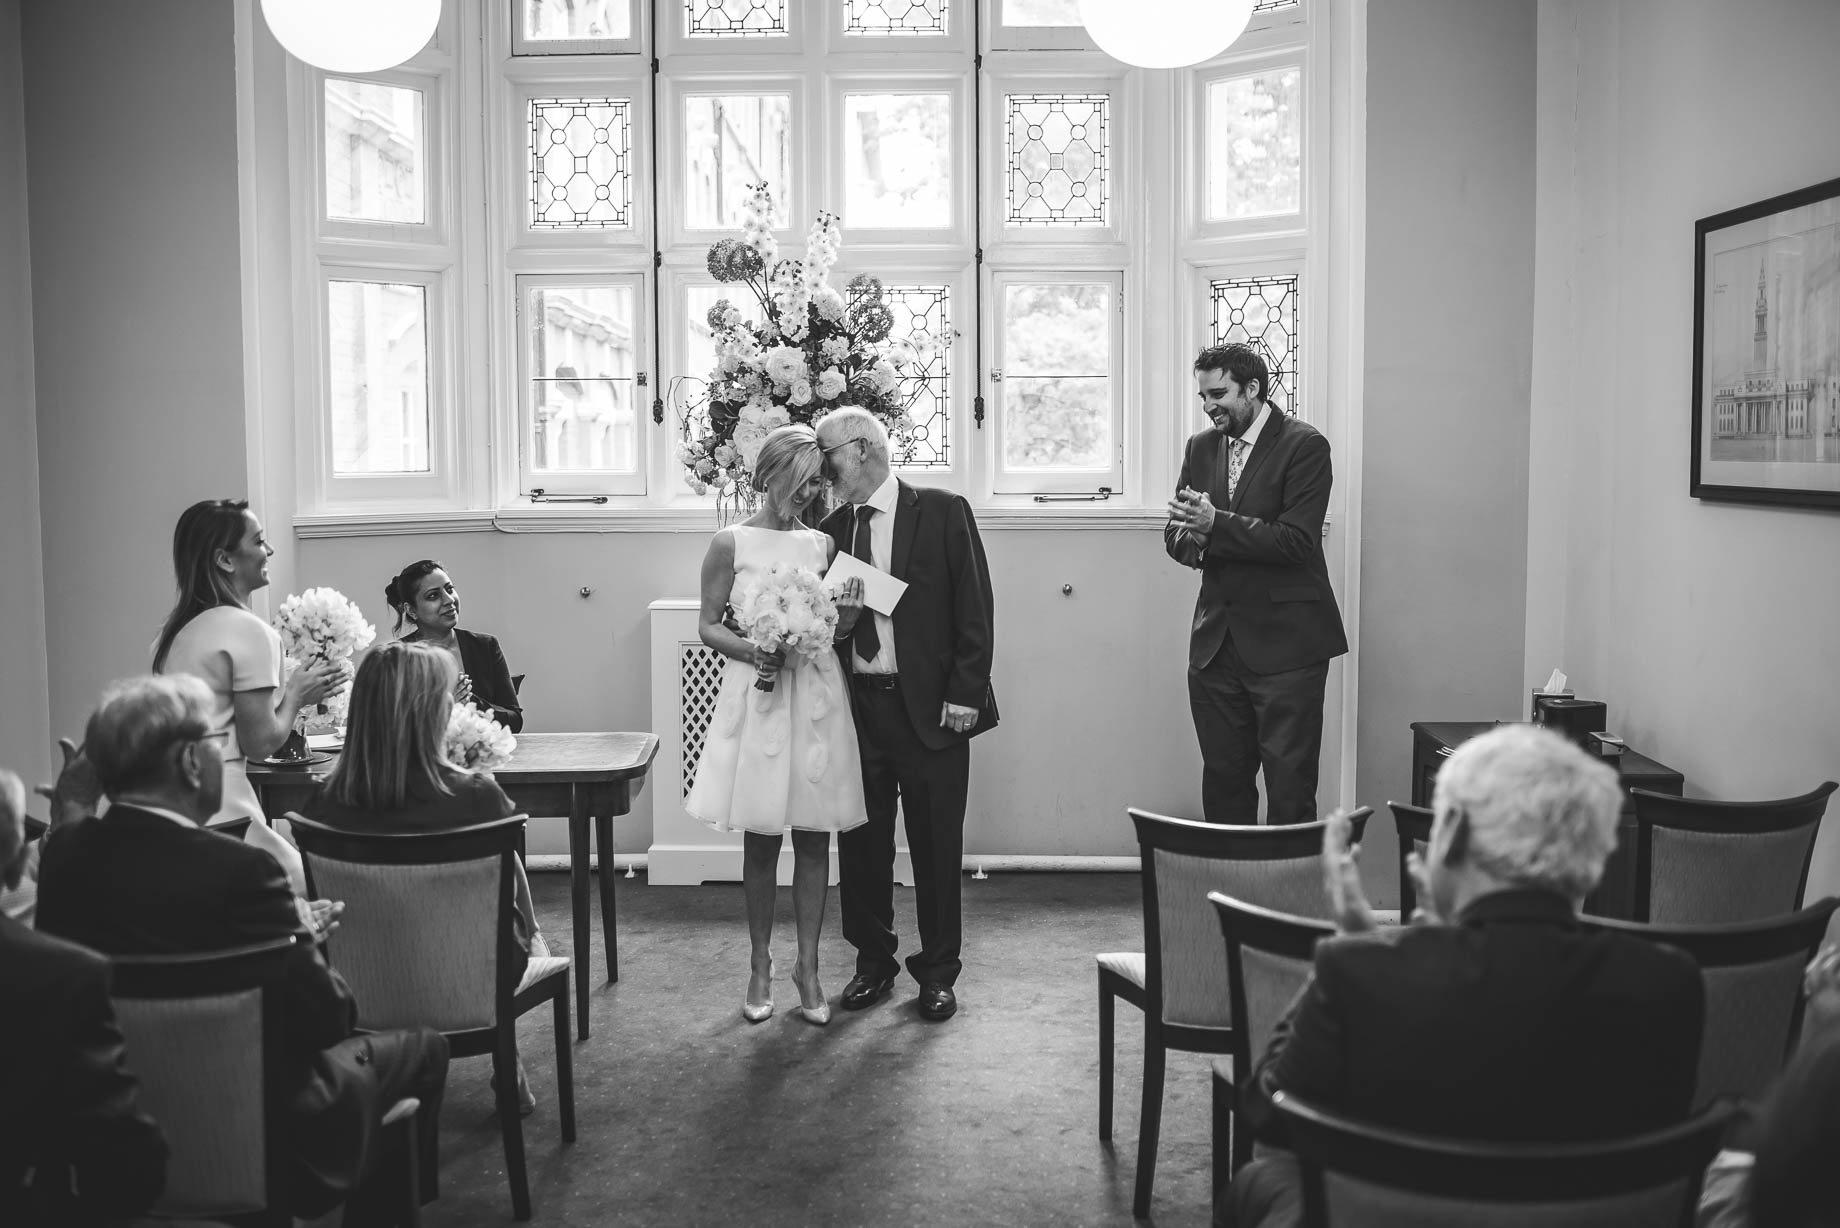 Mayfair wedding photography - Allison and Eugene (47 of 94)